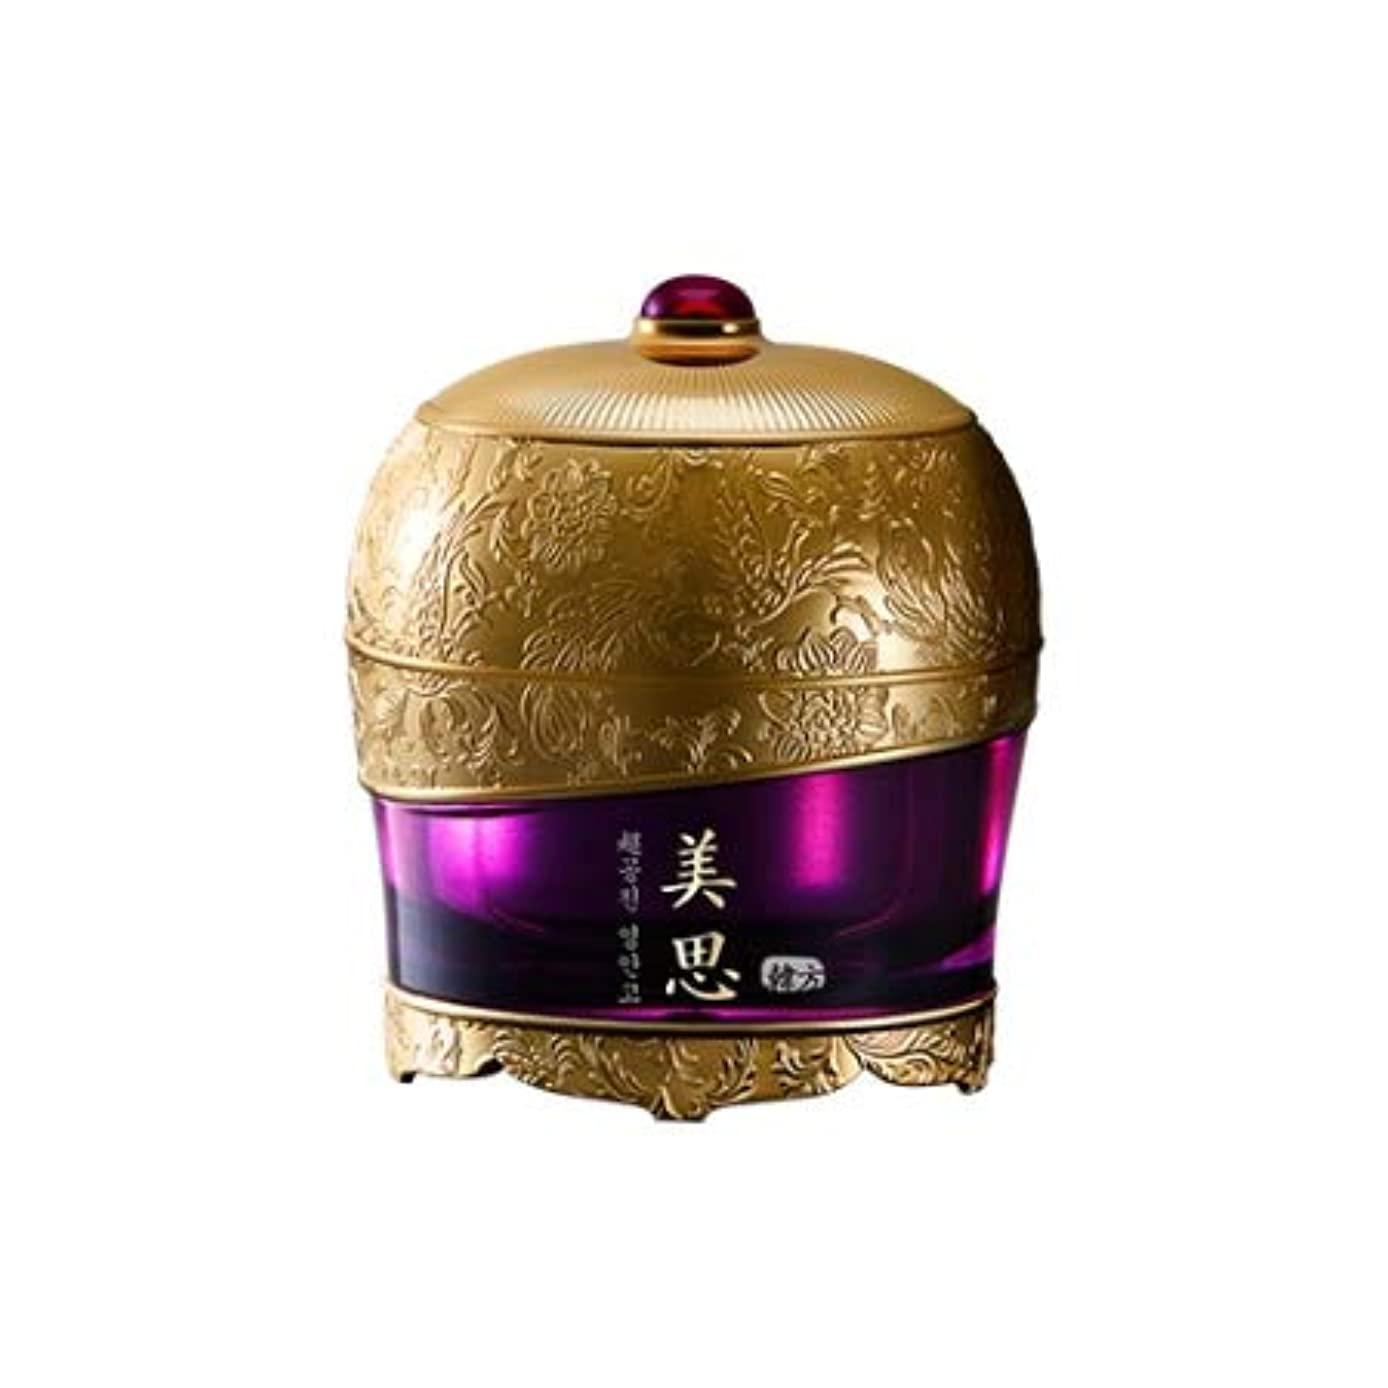 曲線葡萄ツールMISSHA Chogongjin Premium cream ミシャ美思超拱辰(チョゴンジン) 永安膏 クリーム クリーム 60ml [並行輸入品]